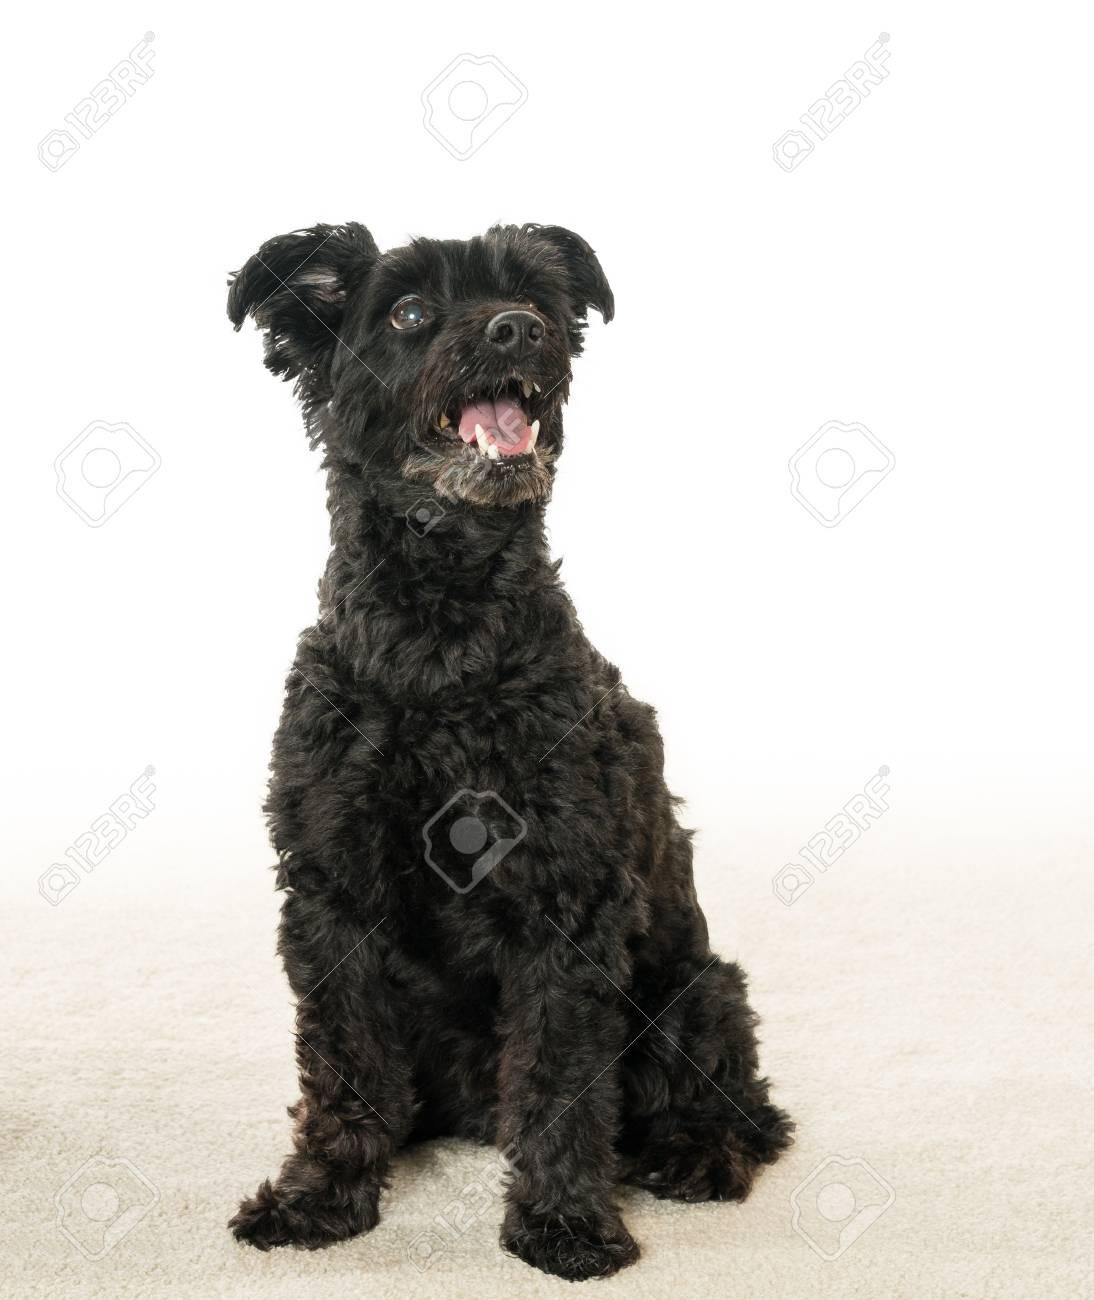 Isolierte Porträt Von Schwarzen Yorkie Poo Oder Yorkshire Terrier